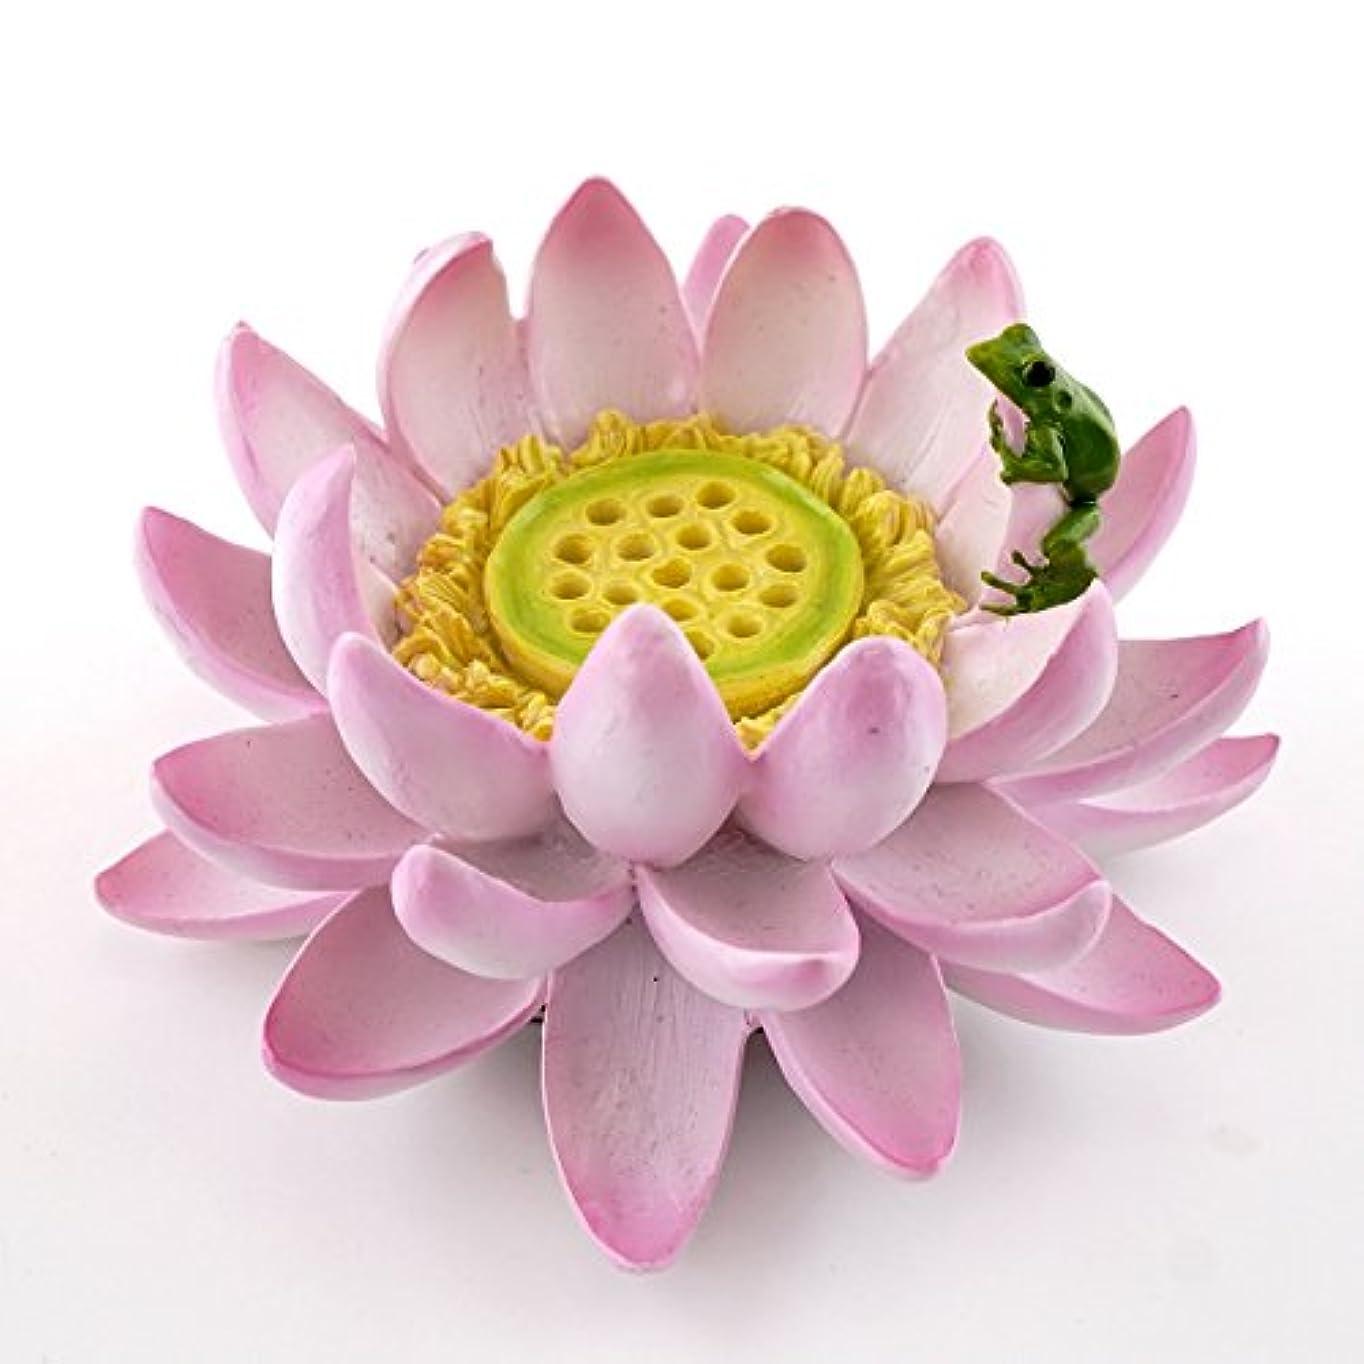 処方するやりがいのある指定するTopコレクションLotus Flower with Frog Incense、キャンドルホルダー、4.25インチ、ピンク